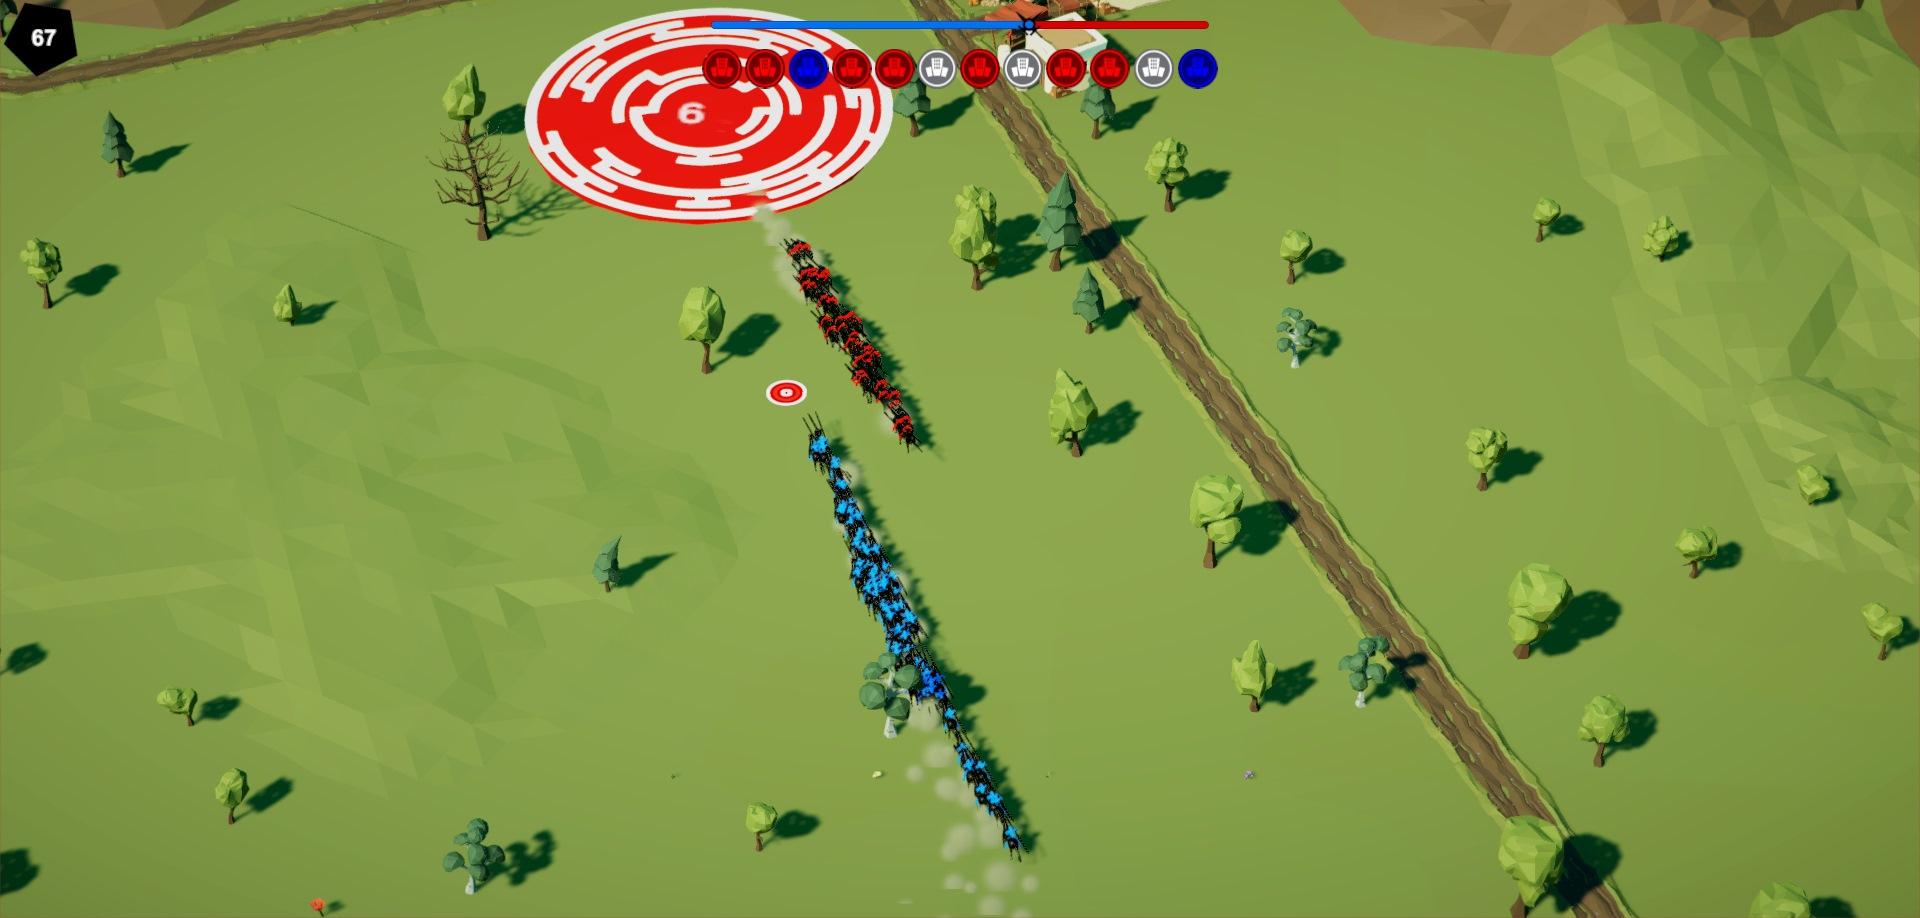 attack-of-orda-3.jpg